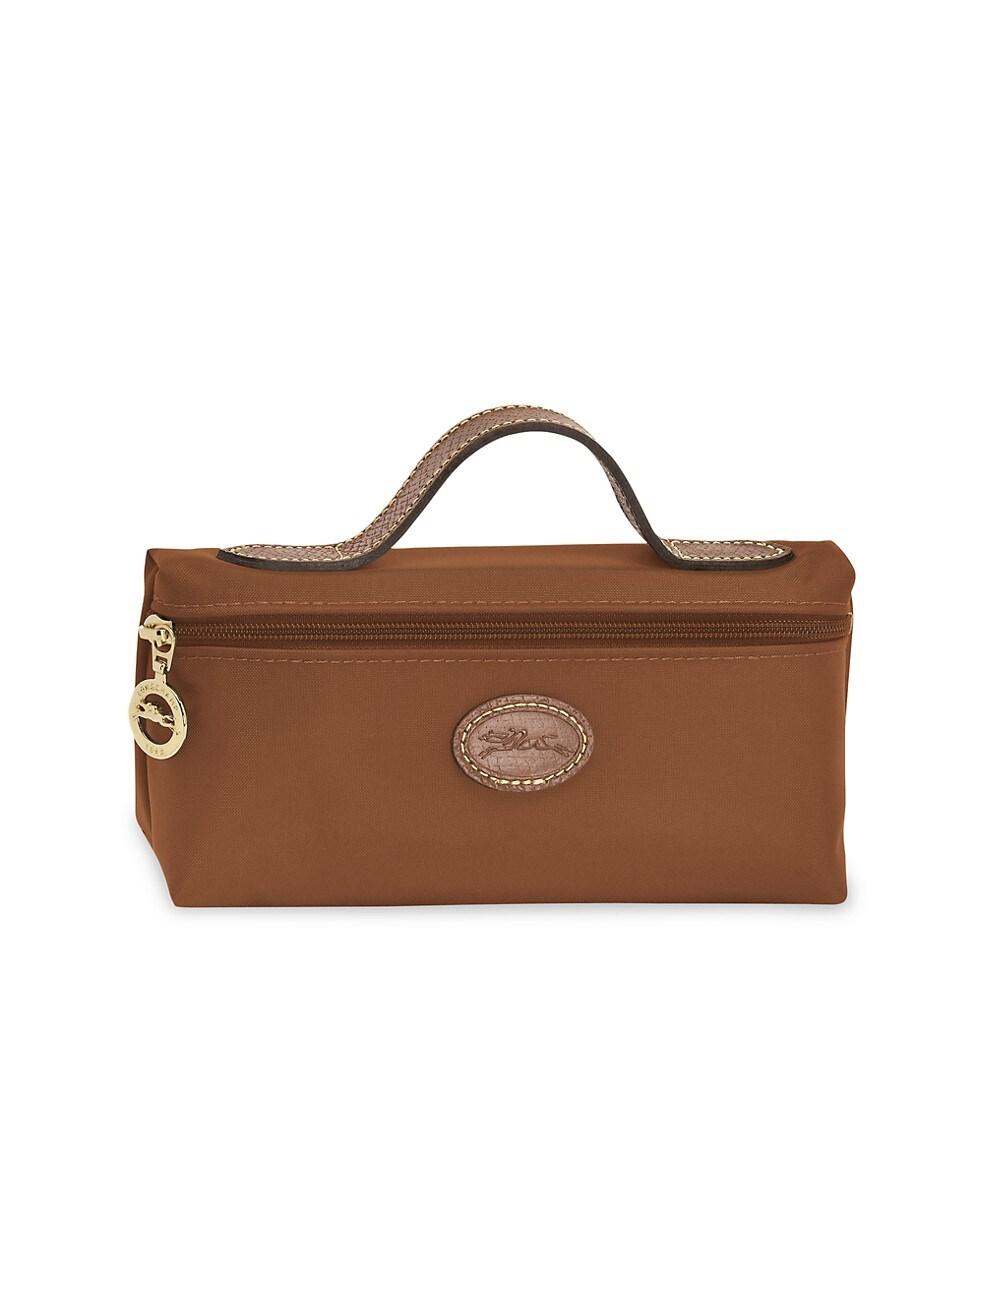 롱샴 파우치 Longchamp Le Pliage Cosmetic Case,COGNAC